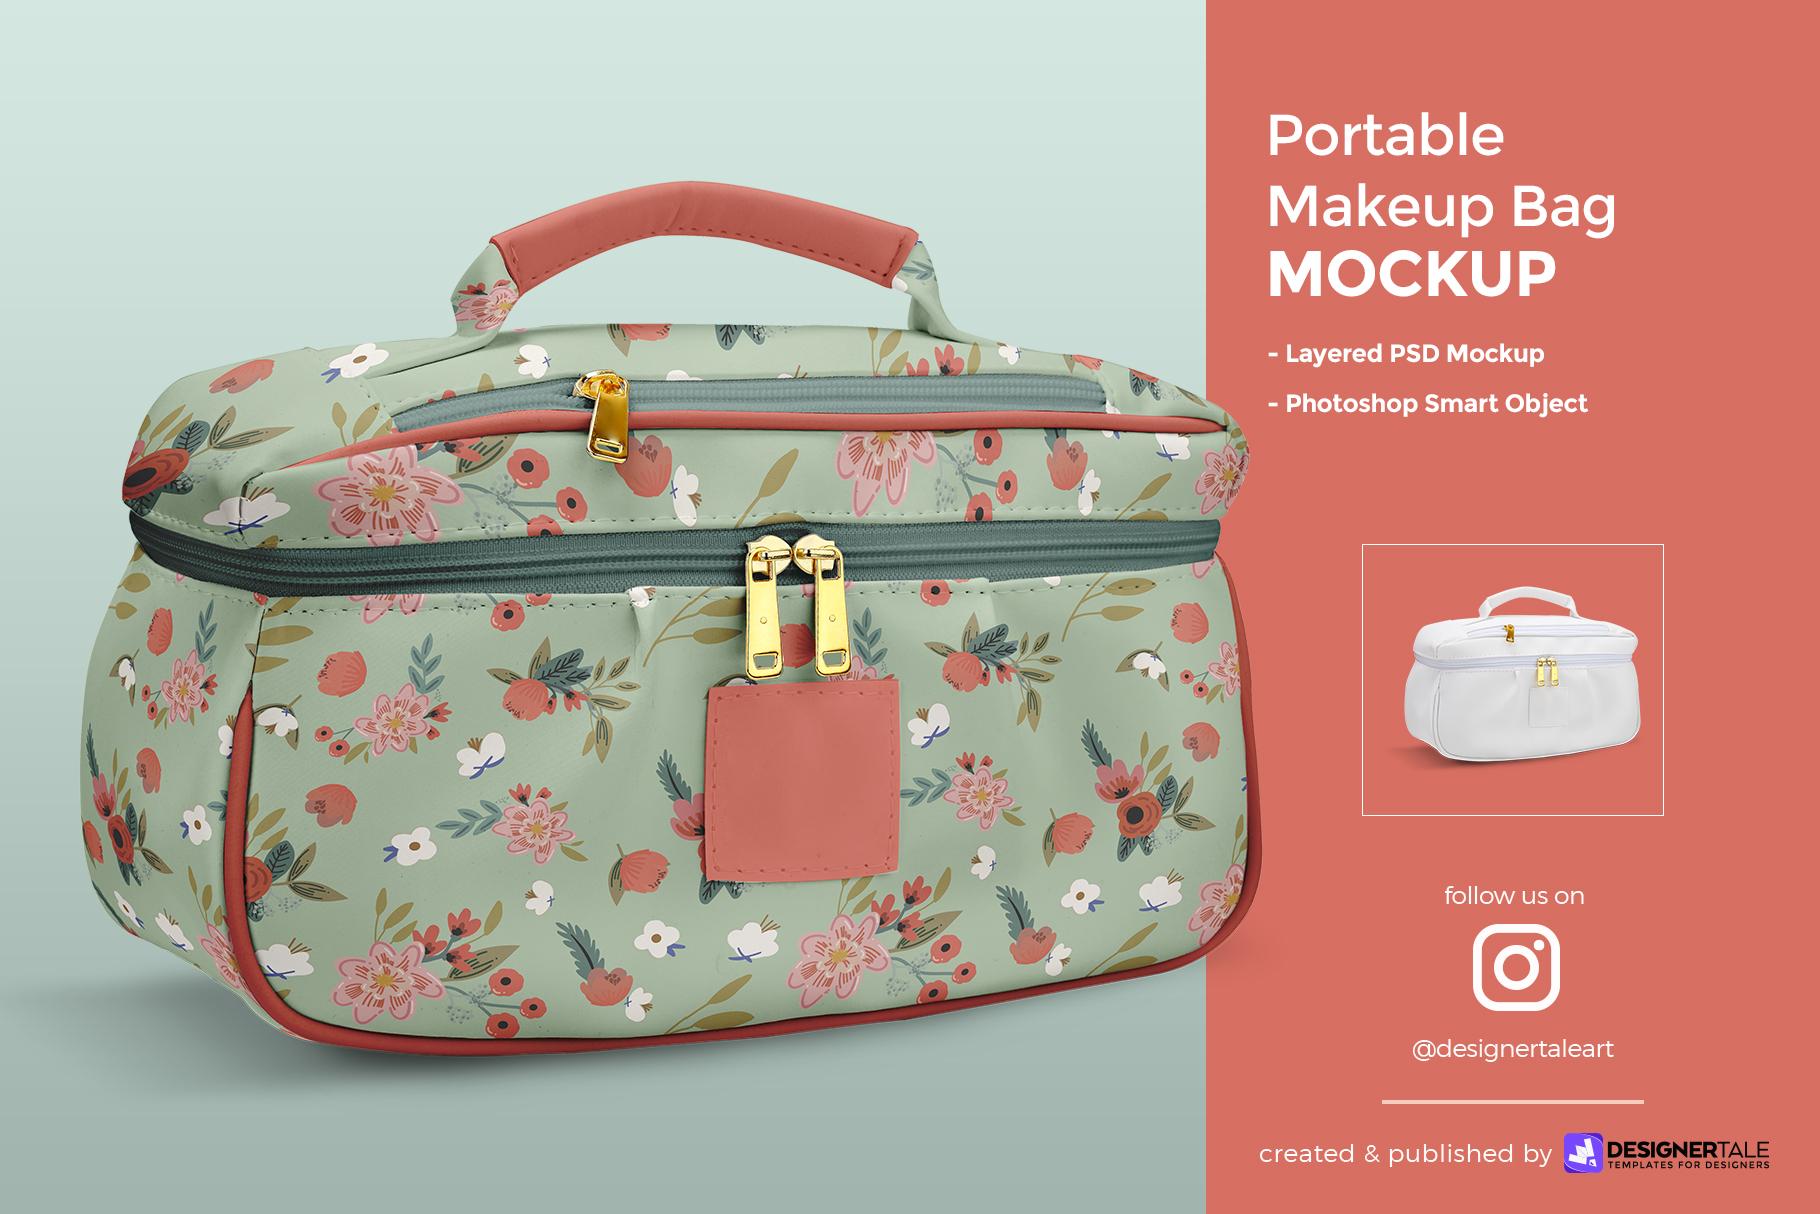 portable makeup bag mockup